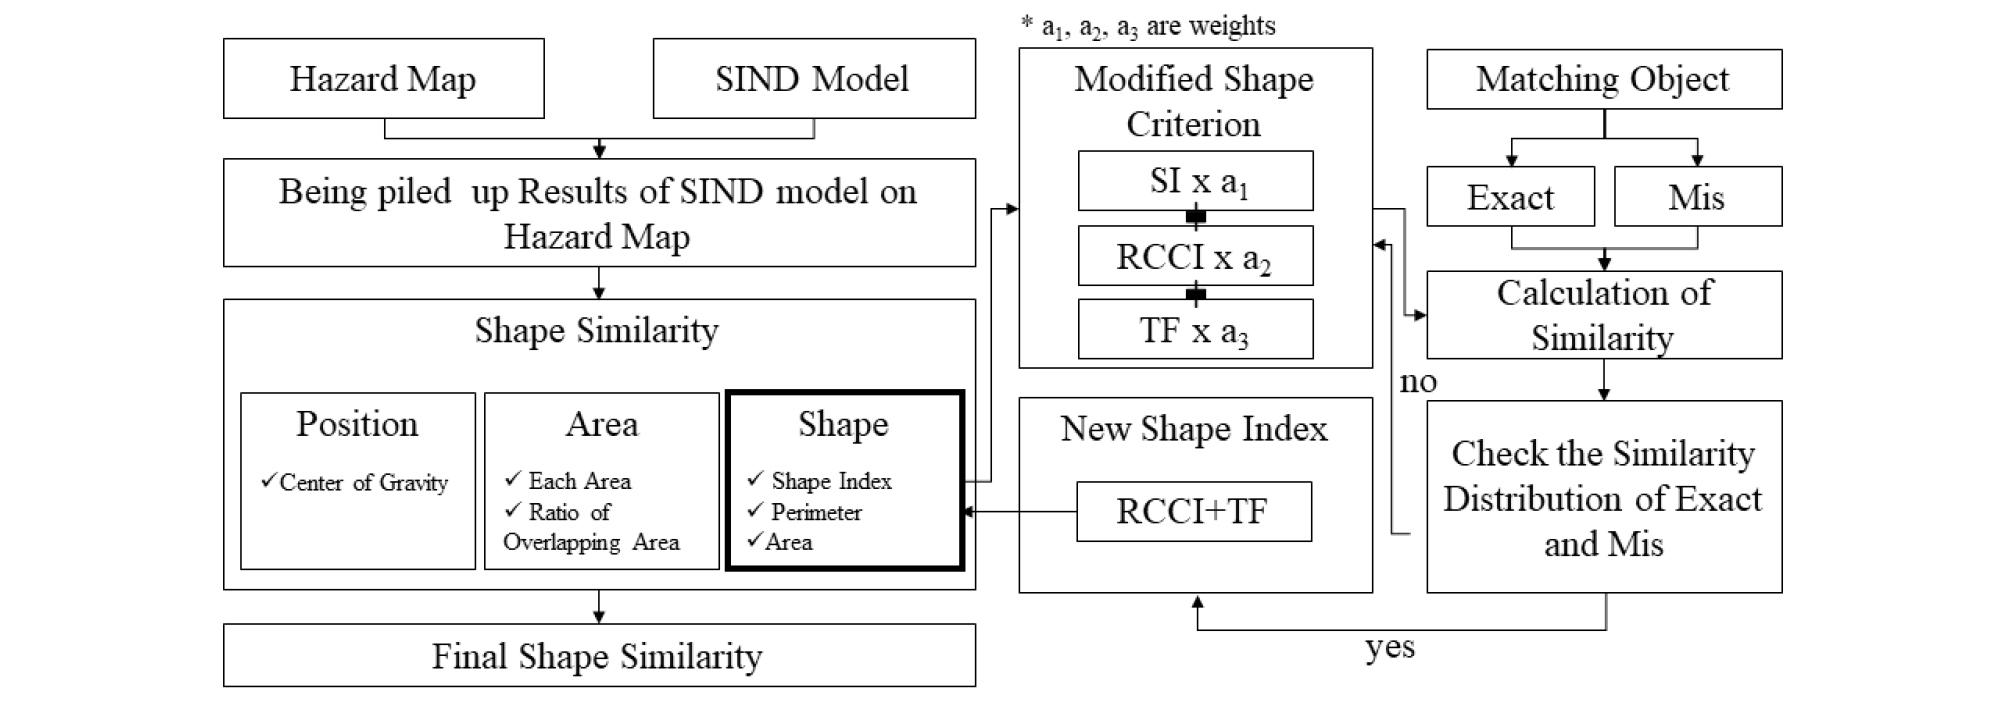 http://static.apub.kr/journalsite/sites/ksds/2019-012-03/N0240120302/images/ksds_12_03_02_F3.jpg